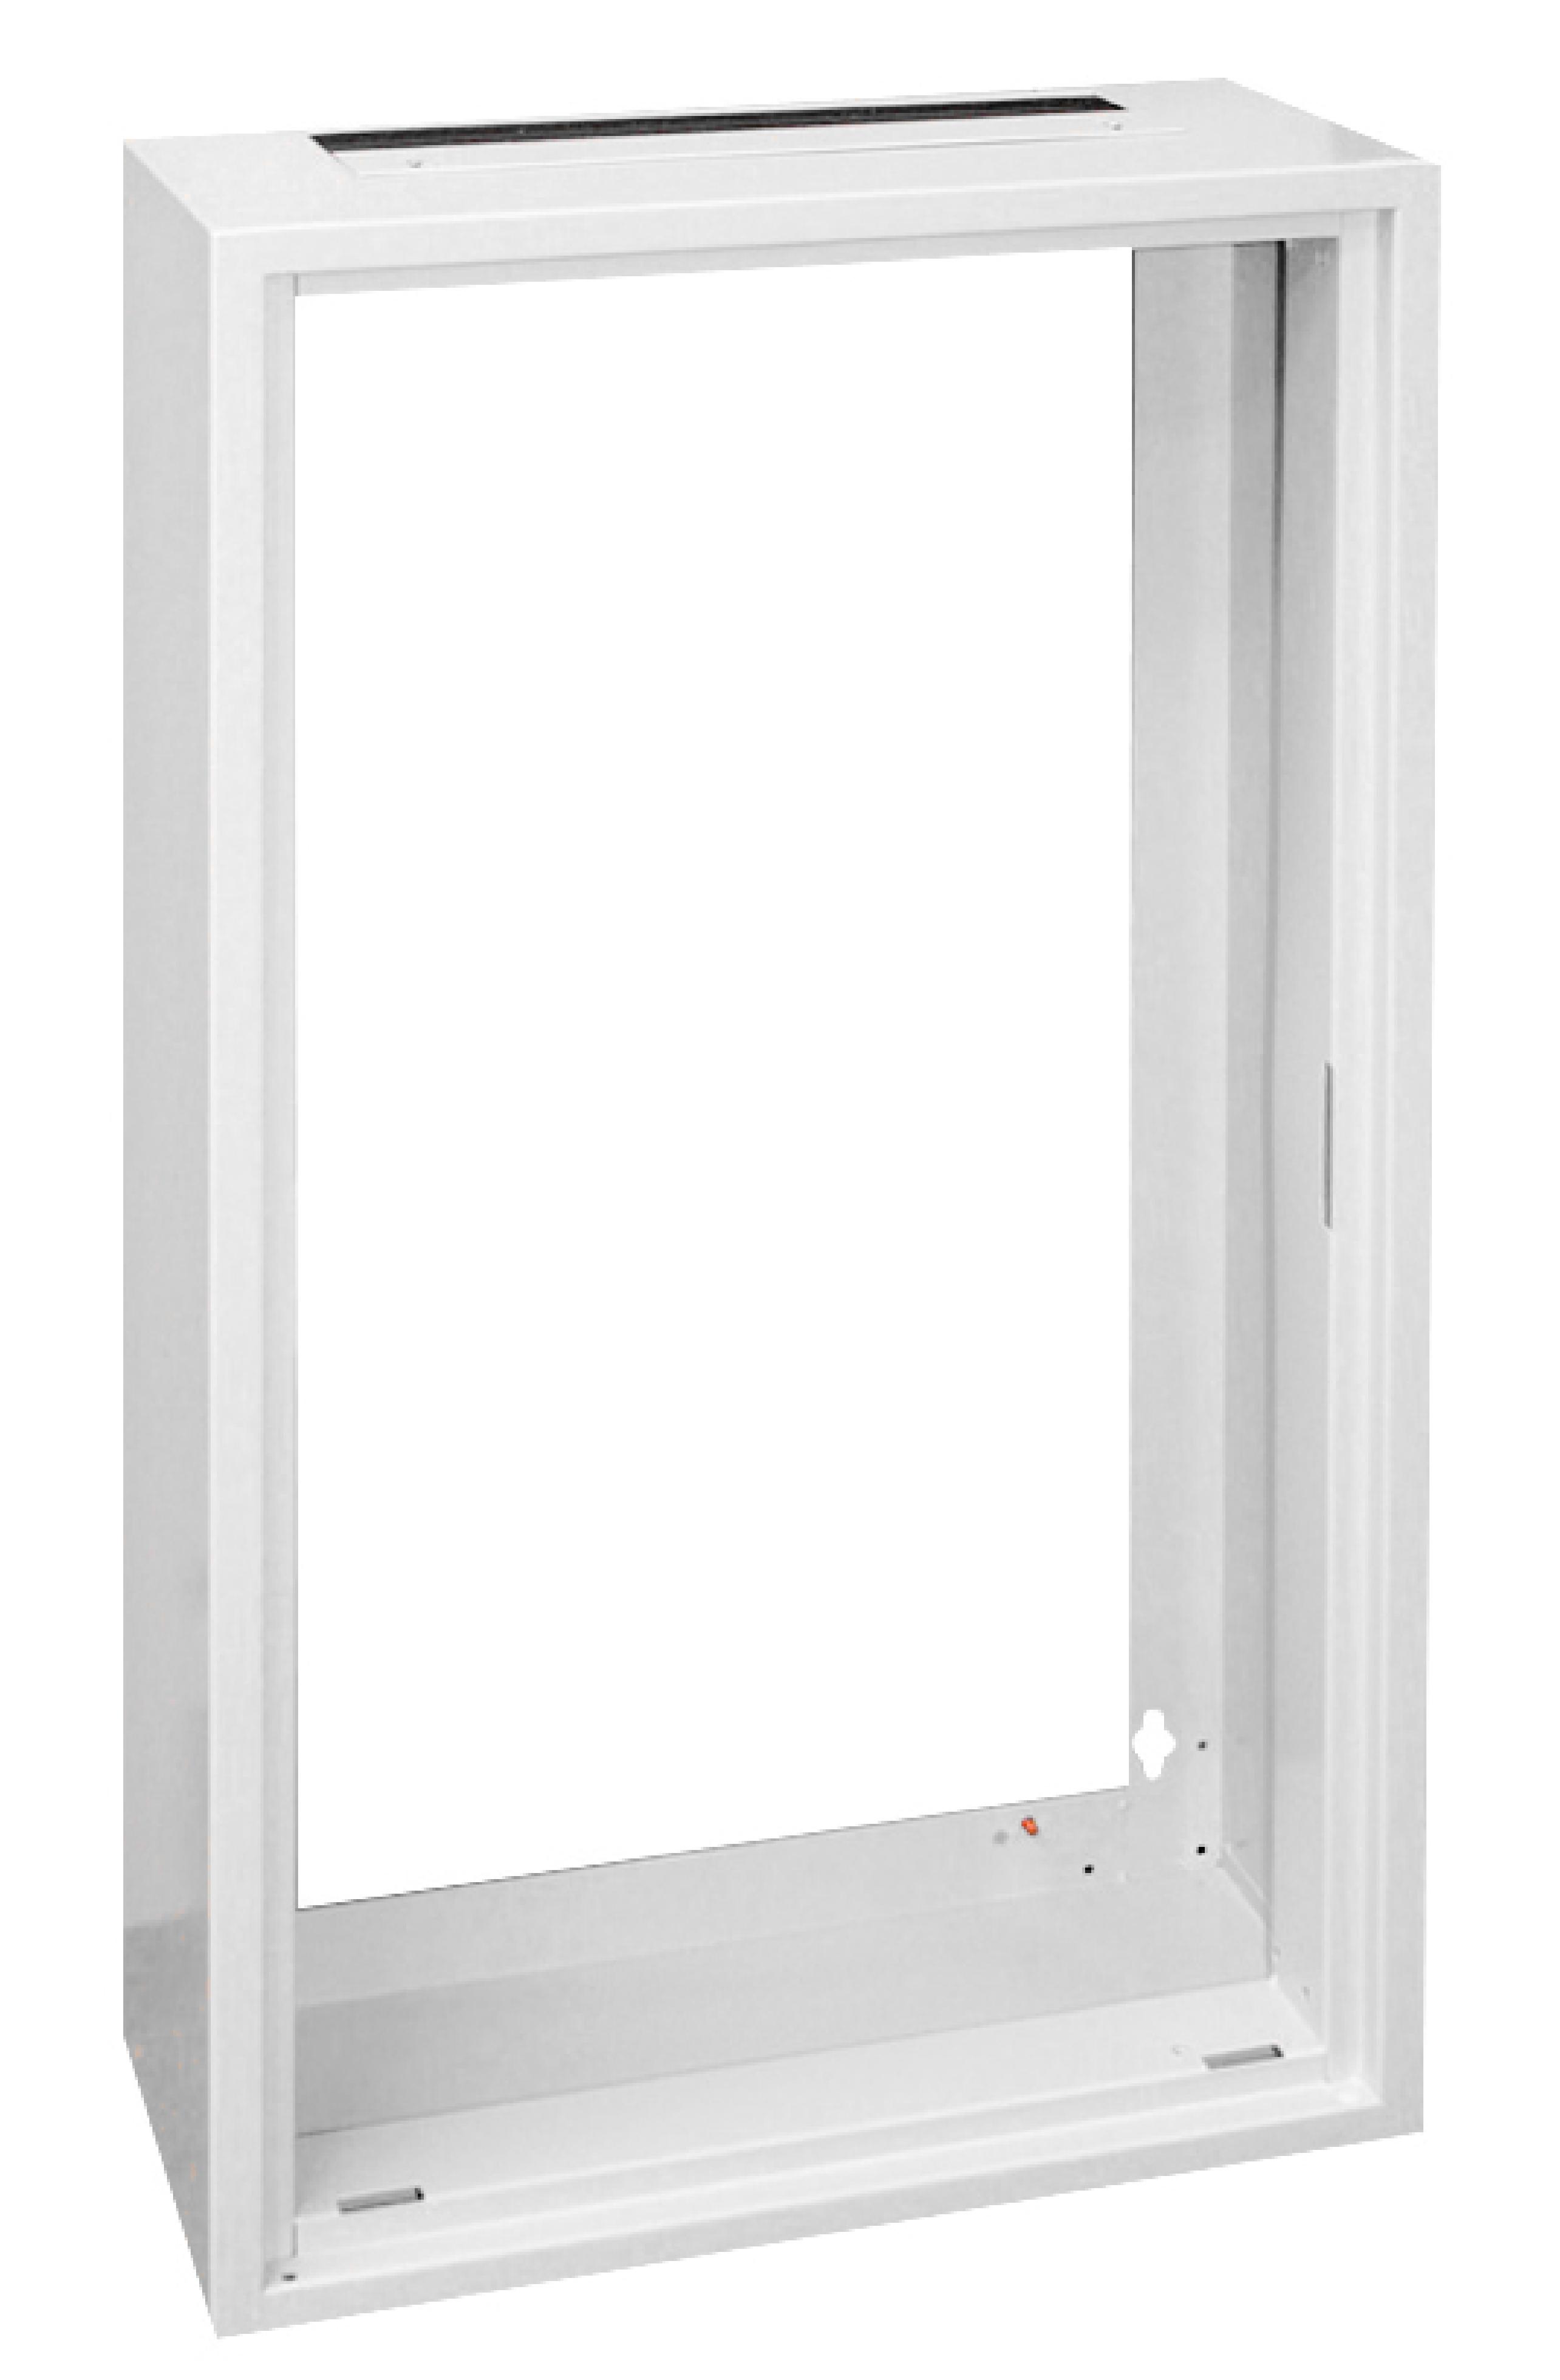 1 Stk AP-Rahmen ohne Türe und Rückwand 3A-42, H2025B810T250mm IL001342-F